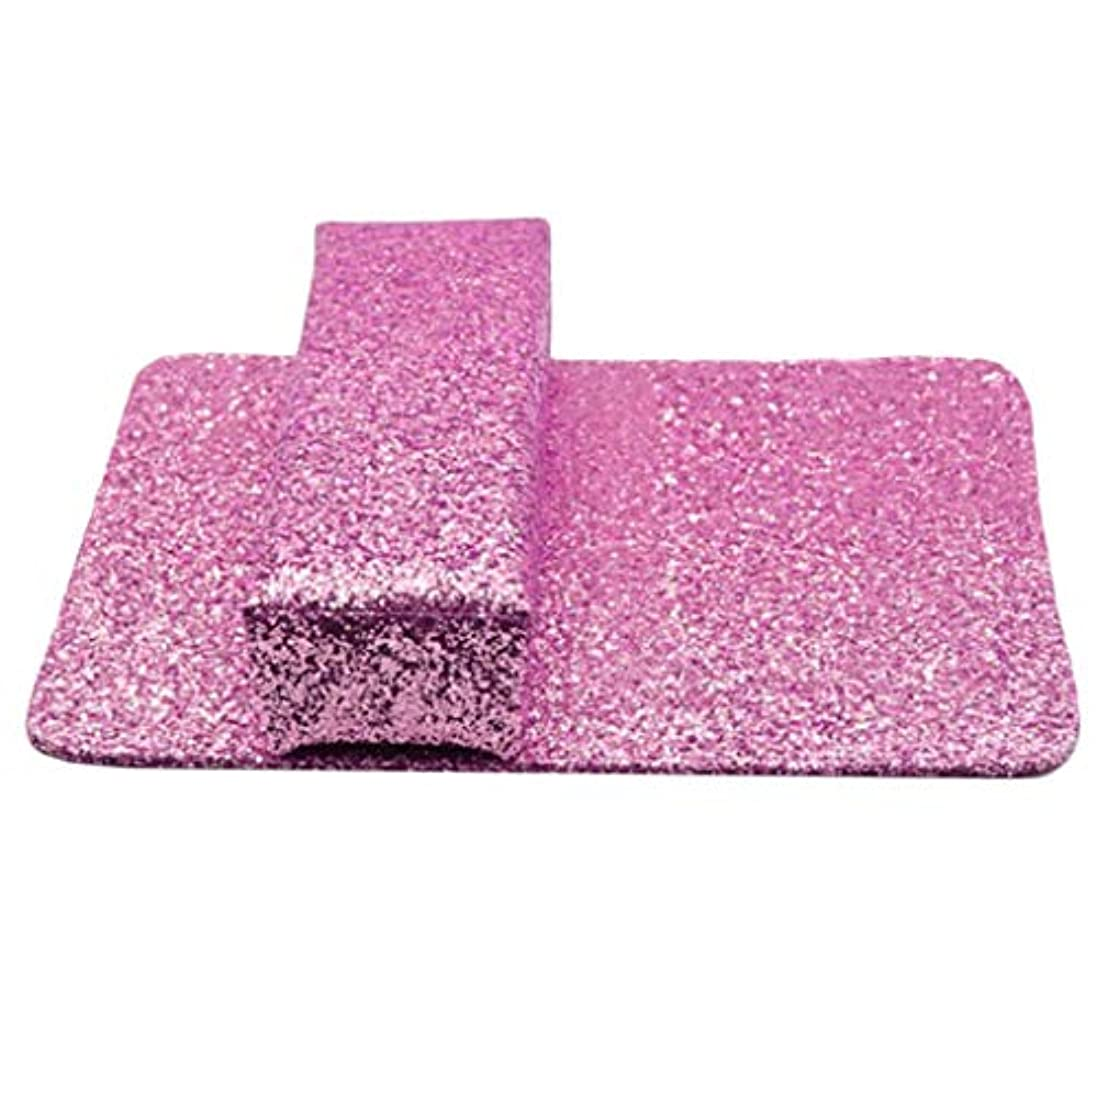 明快発音意味するDYNWAVE 腕置き クッション マッサージ用クッション ハンドピロー ネイル 美容室 自宅 使用可能 全3カラー - ピンク